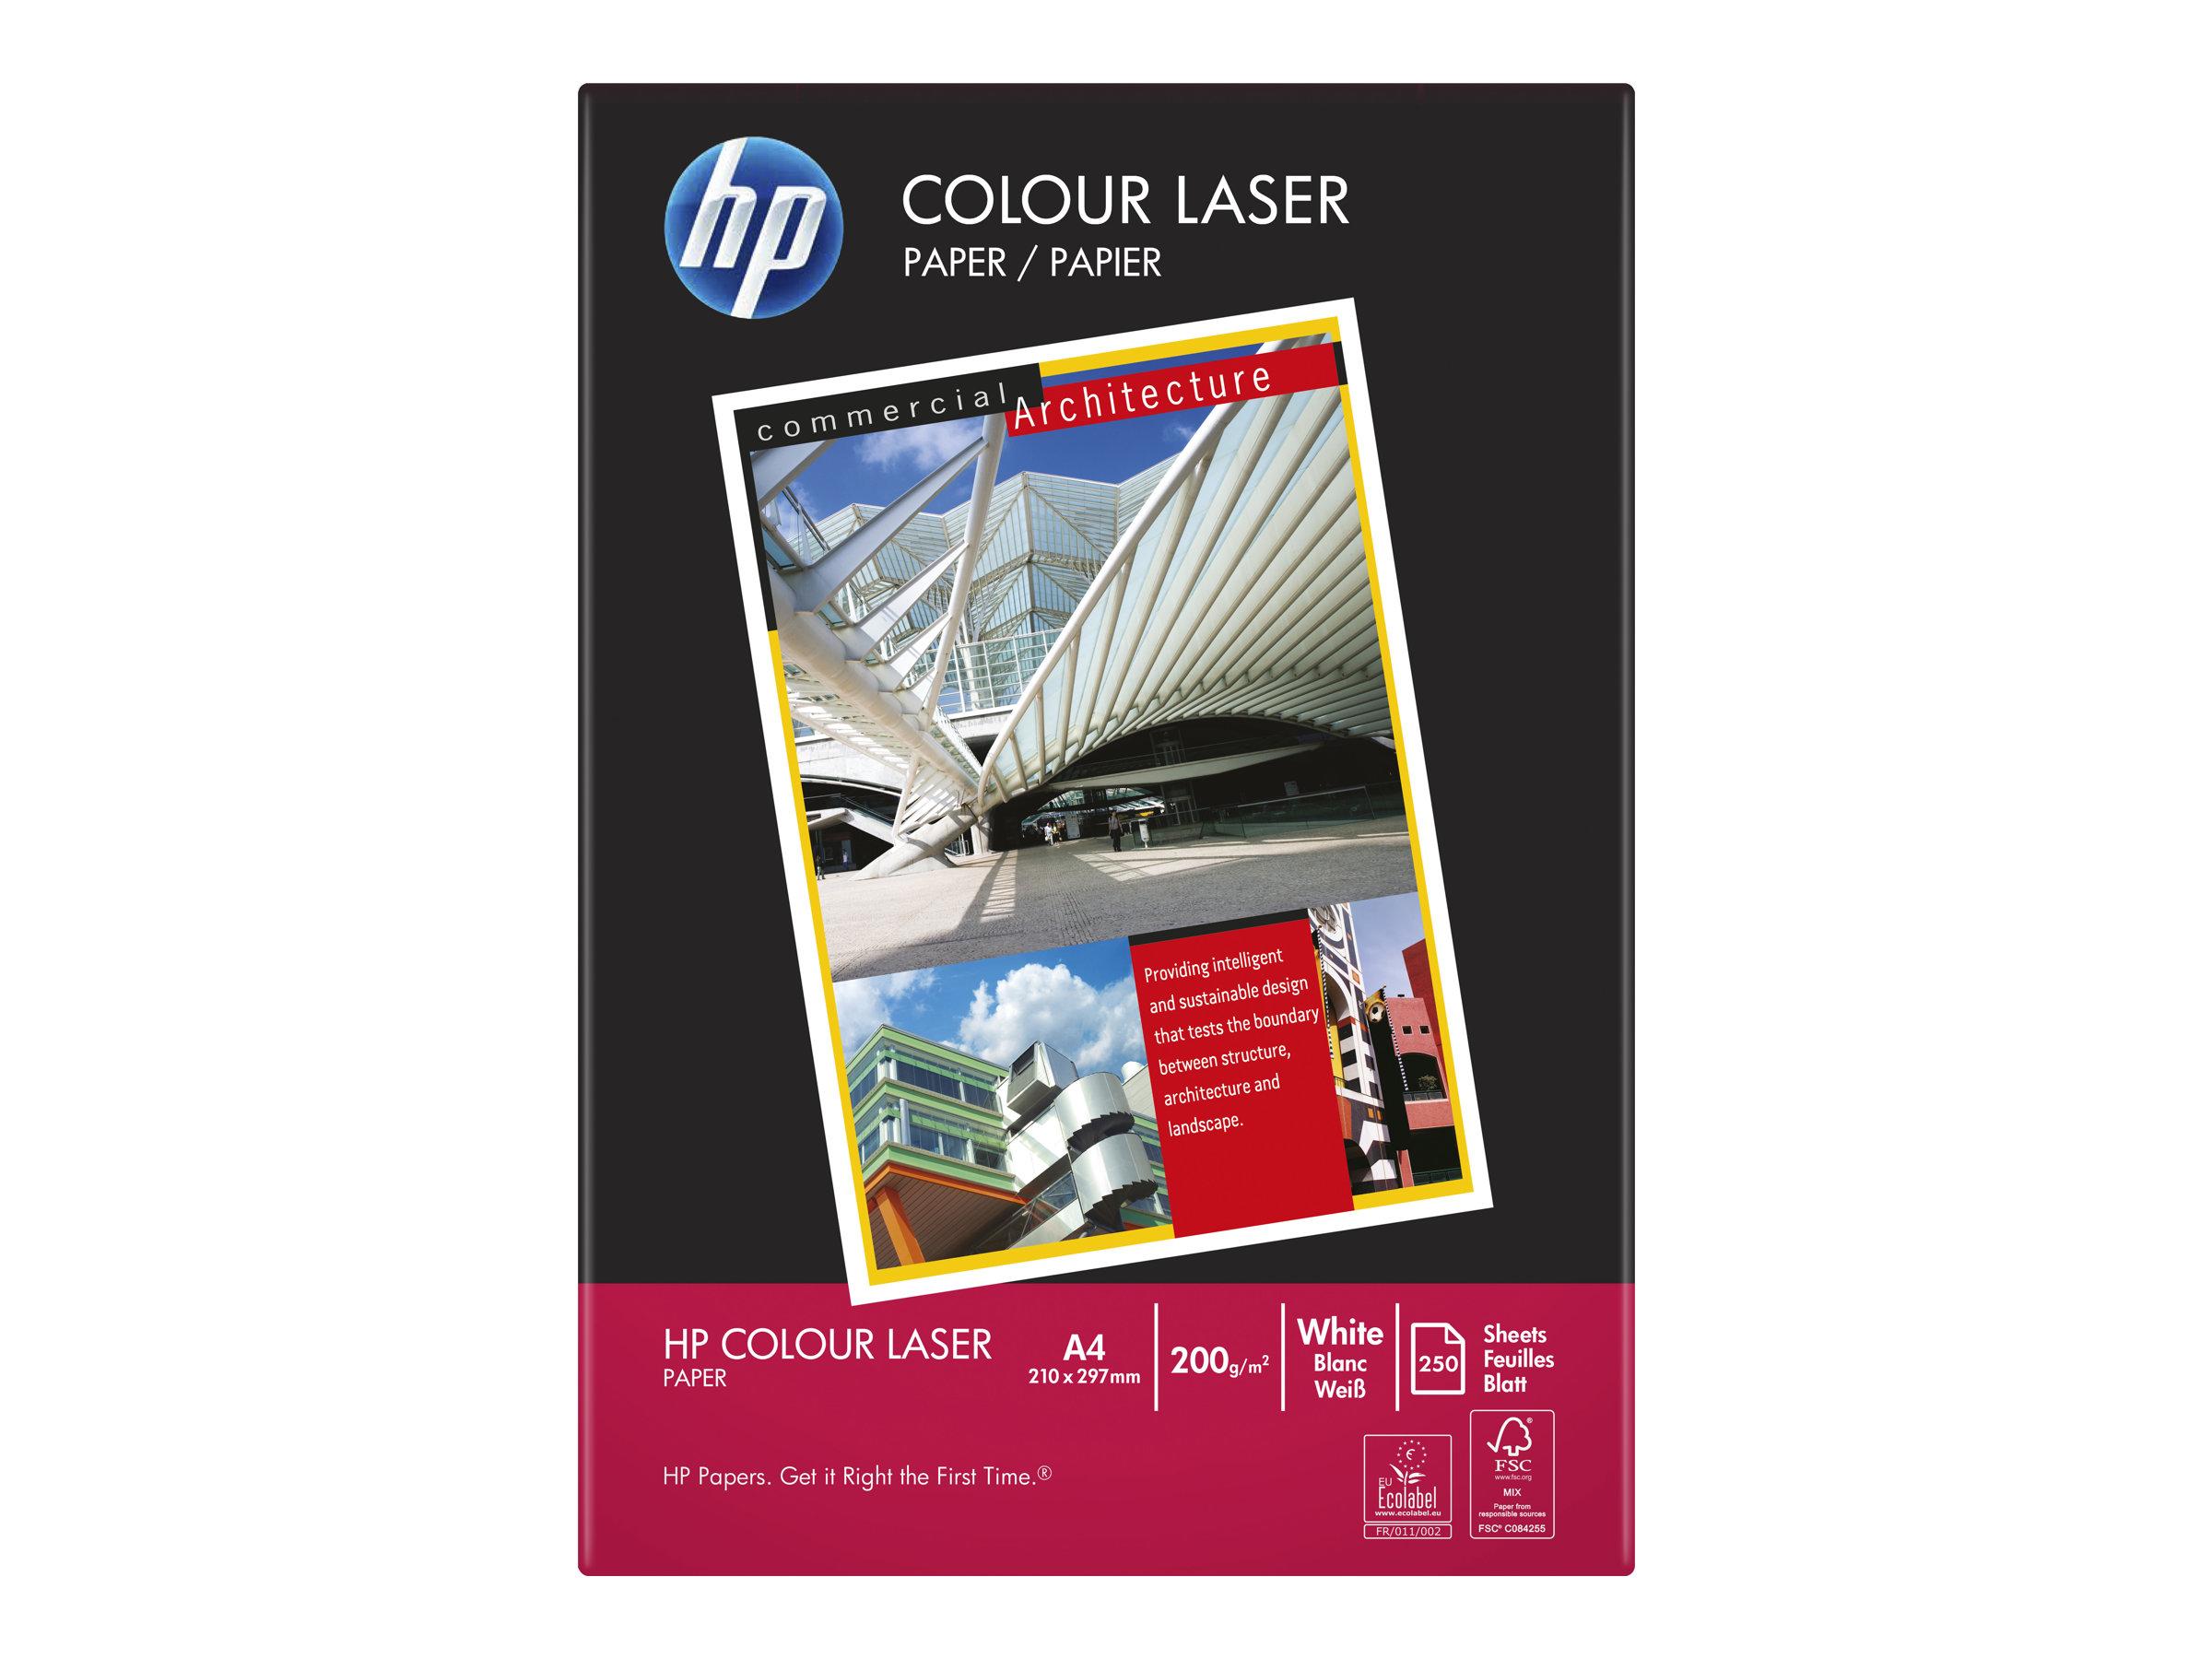 HP Colour Laser Paper - A4 (210 x 297 mm)